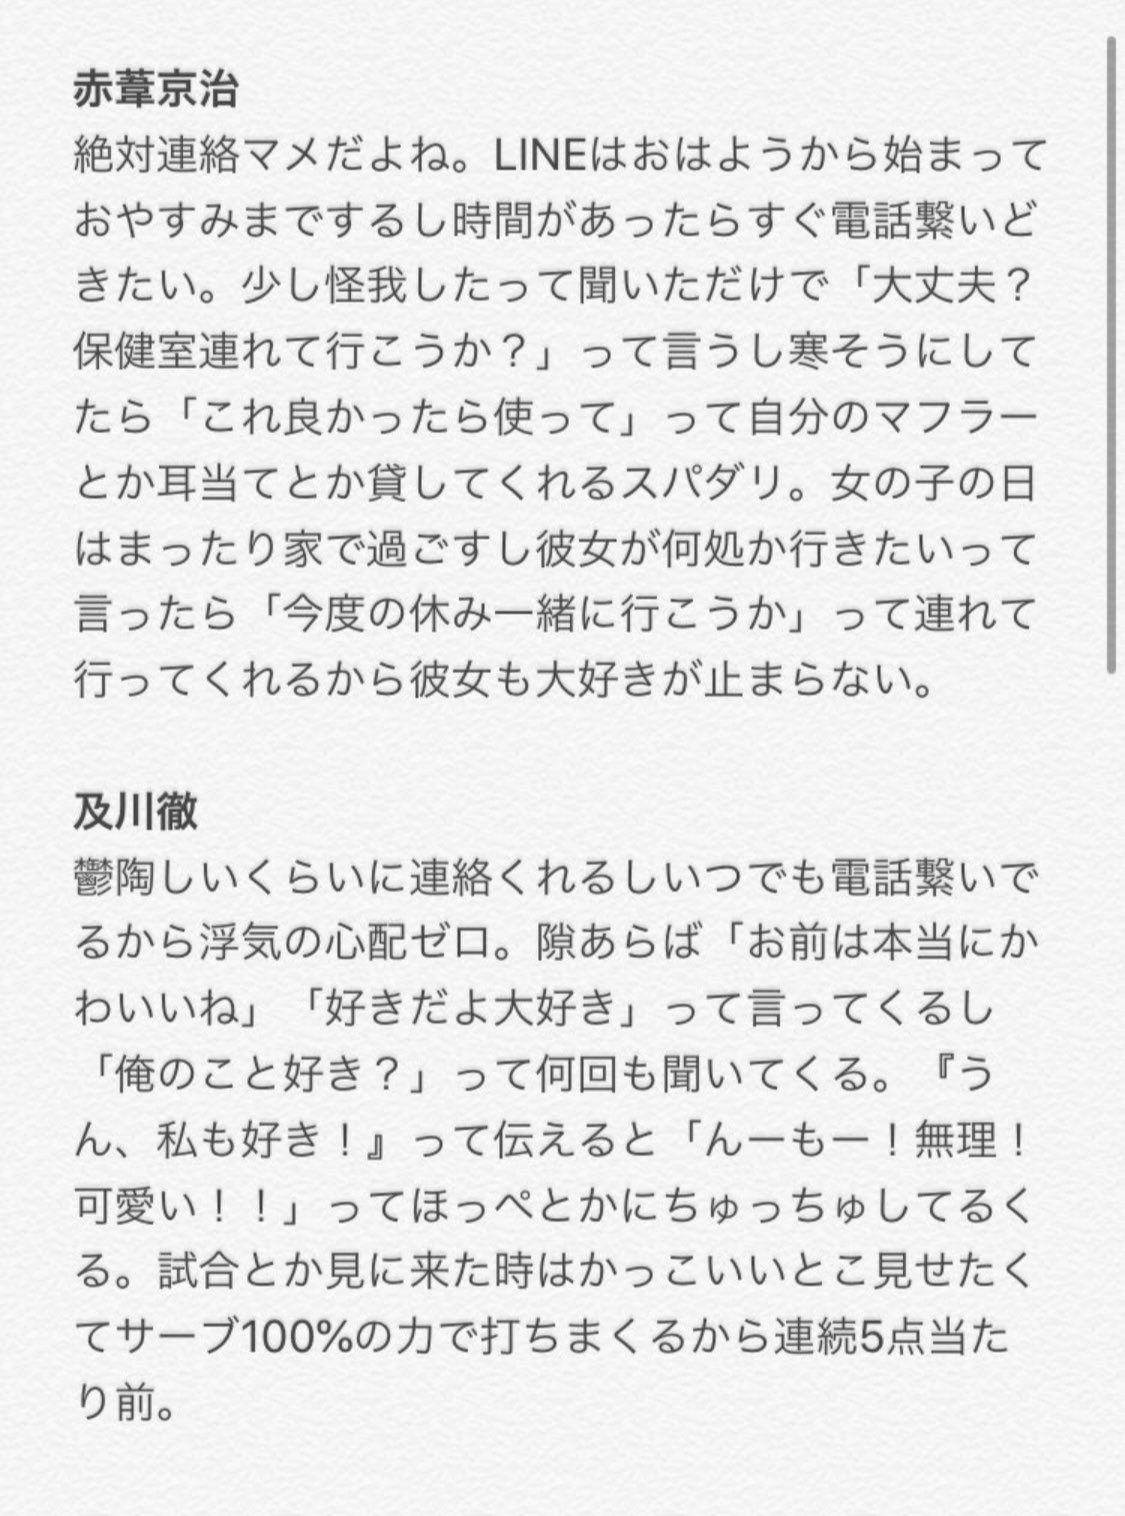 ハイキュー 夢 小説 18